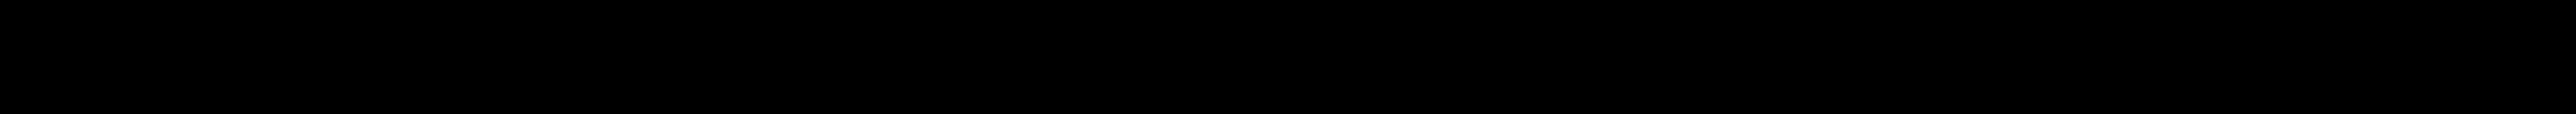 Luella Basic Frames B